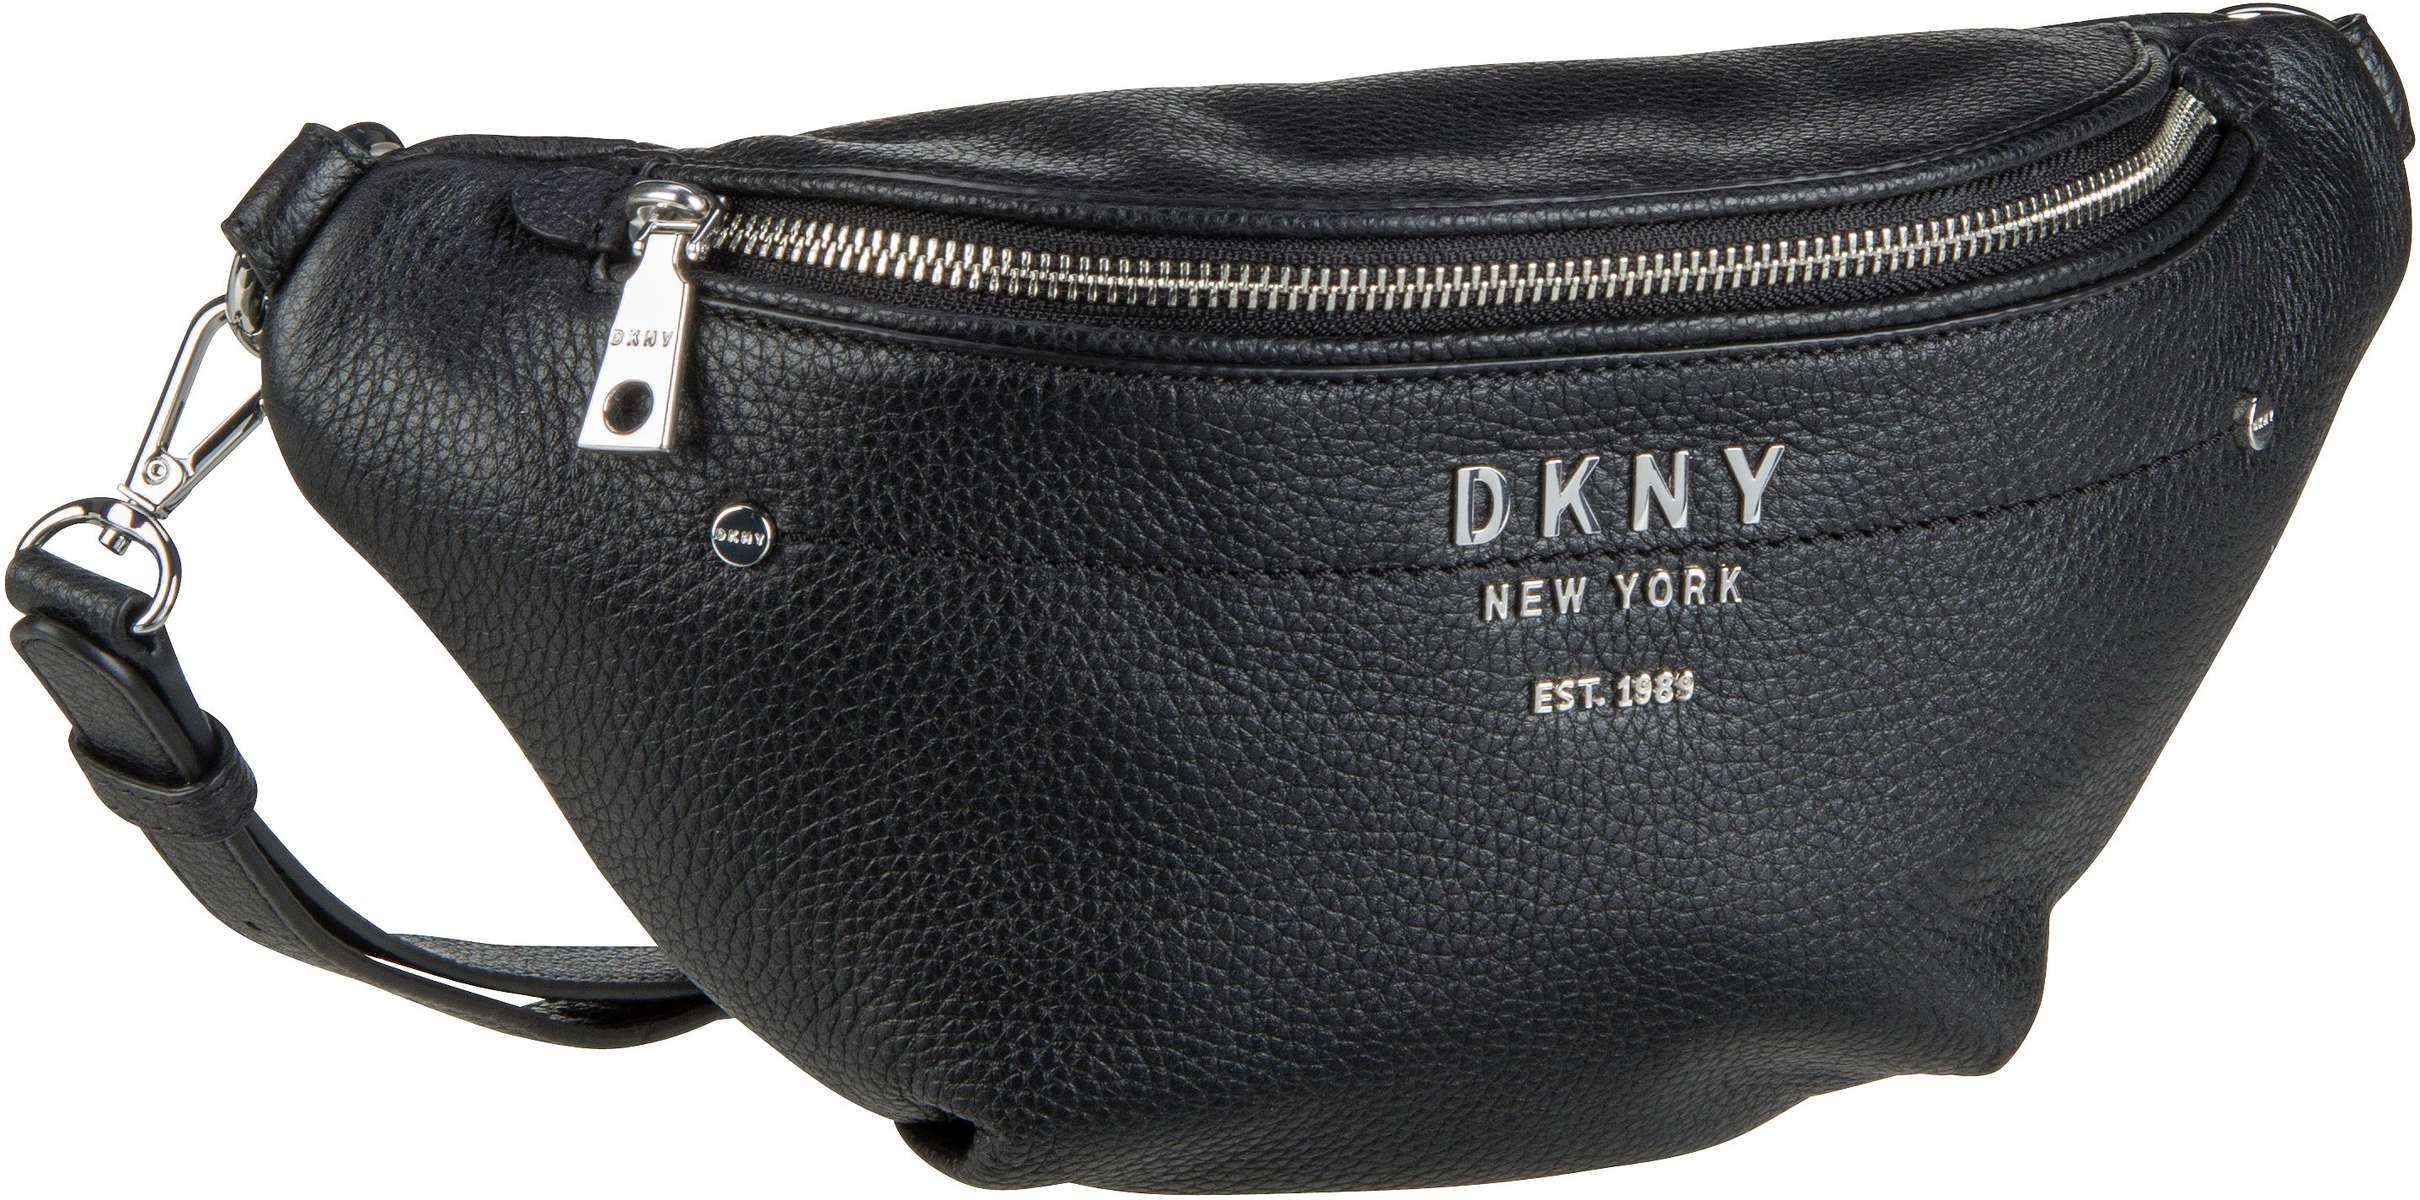 Kleinwaren - DKNY Gürteltasche Erin Pebble Belt Bag Black Silver  - Onlineshop Taschenkaufhaus